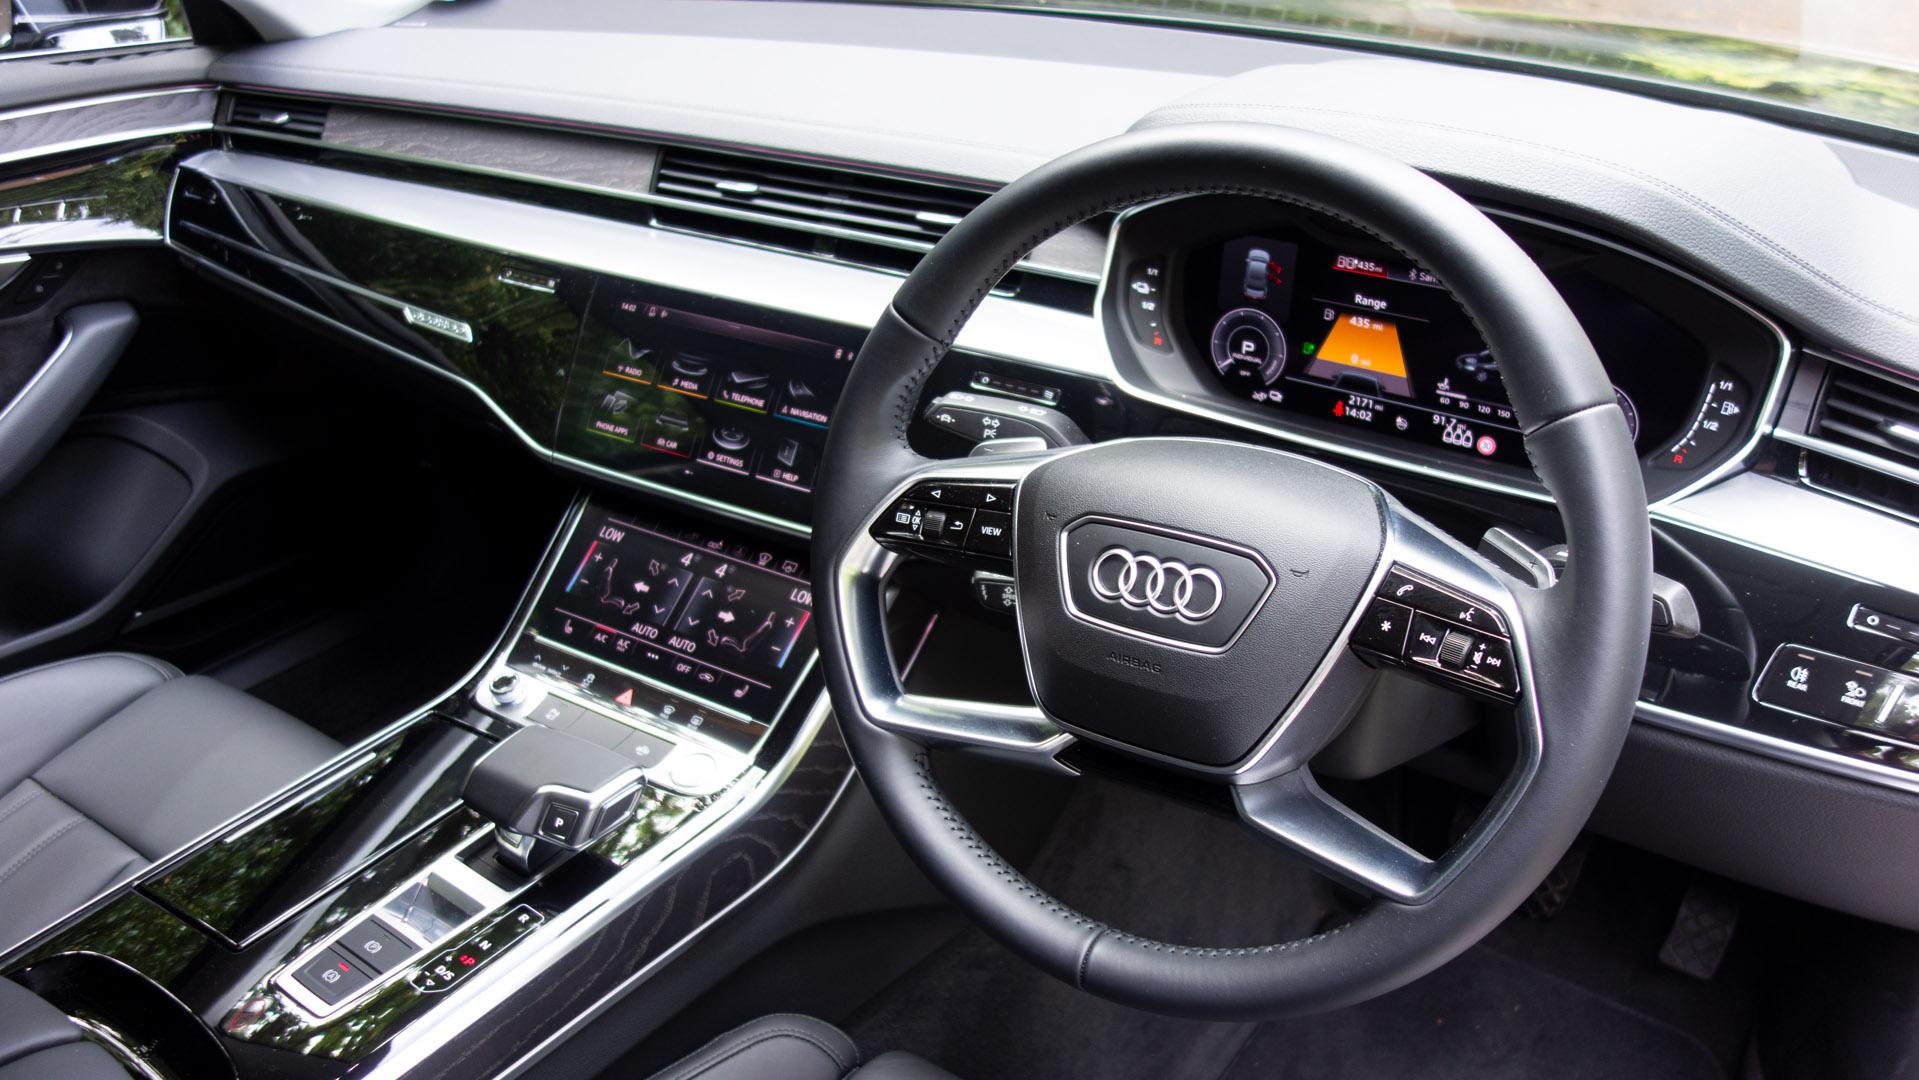 Audi A8 cabin